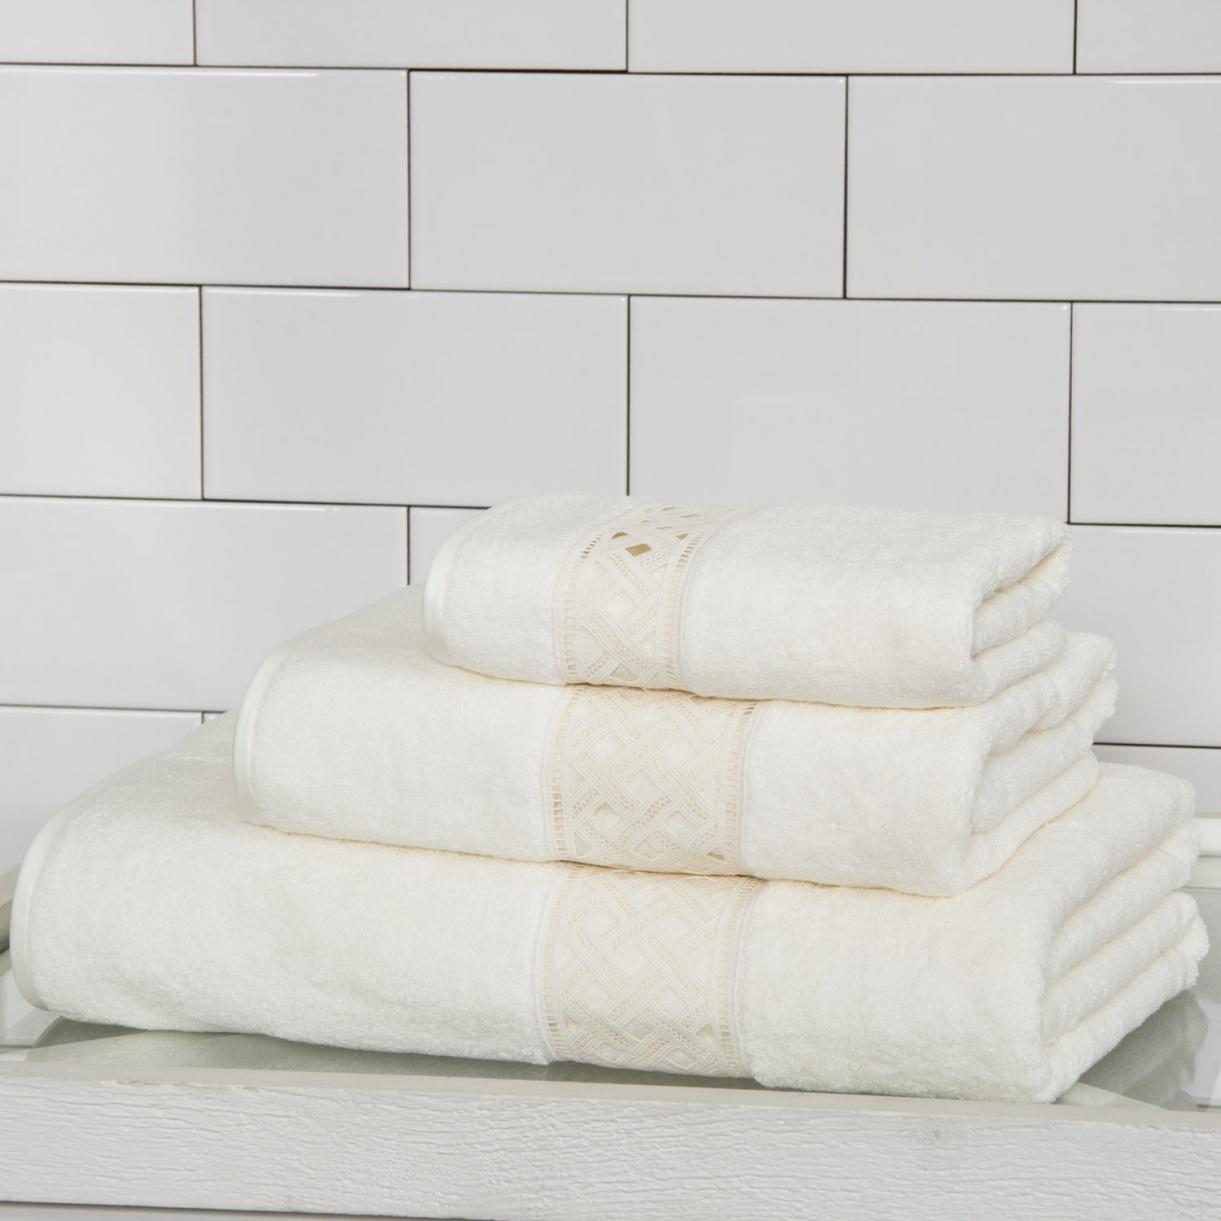 Полотенце из хлопковой махровой ткани с кружевной вставкой 40 x 60 Frette  –  Общий вид